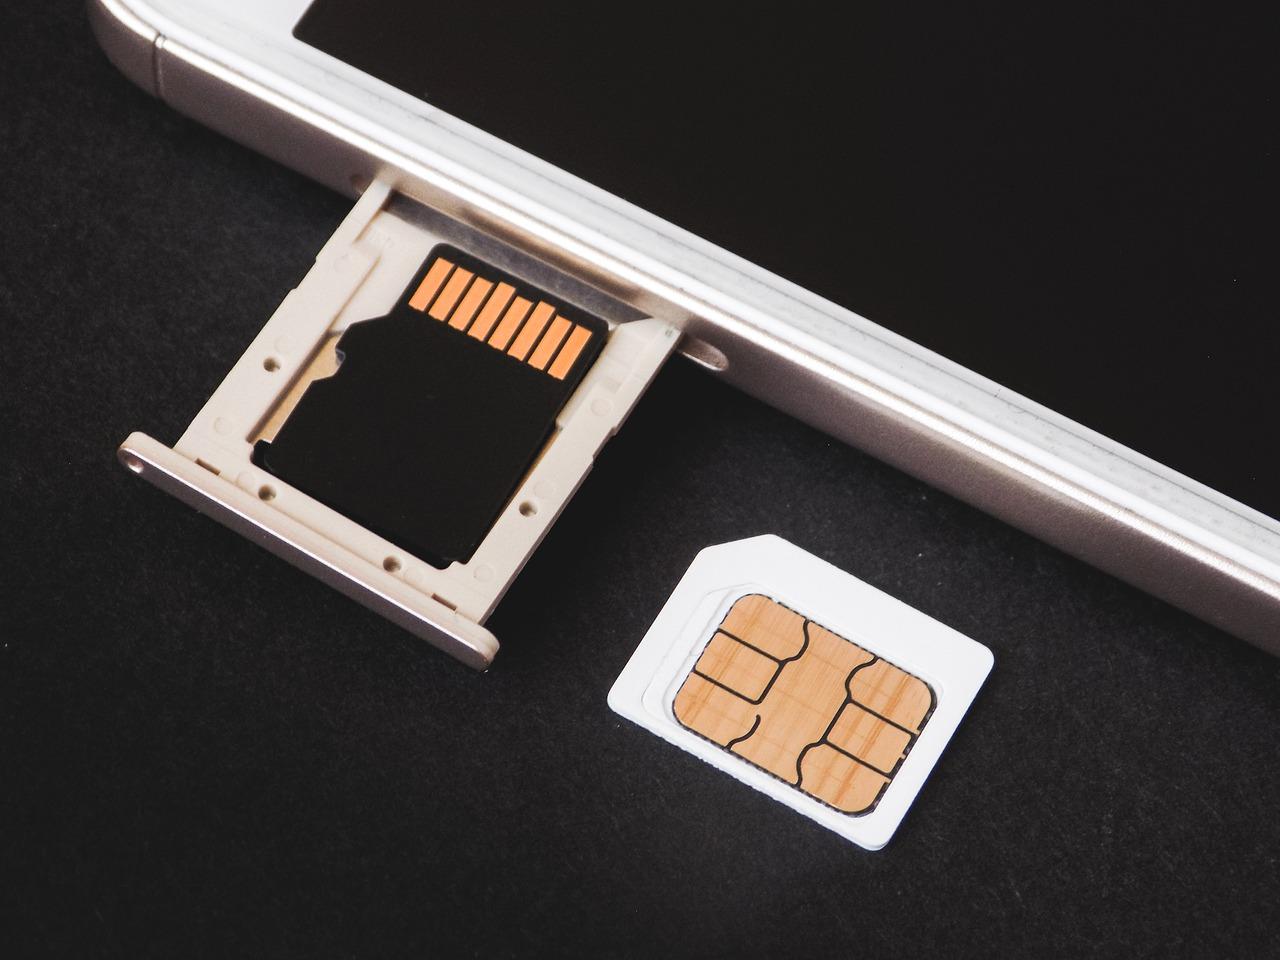 6 Cara Memperbaiki Kartu SD yang Tidak Terbaca di Smartphone